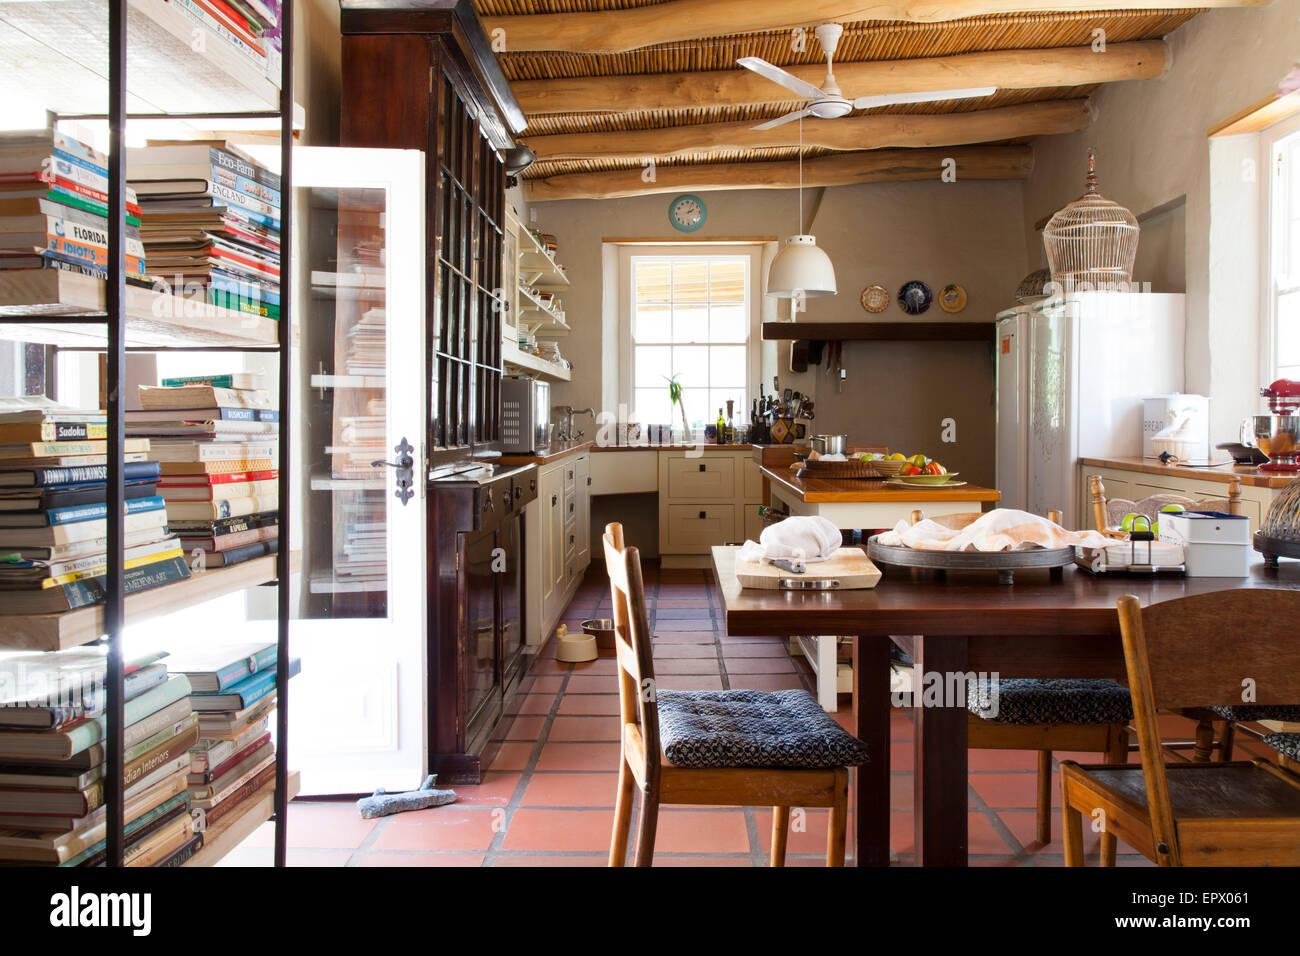 Bauernhof-Küche mit Balkendecke im südafrikanischen Heimat Stockfoto ...